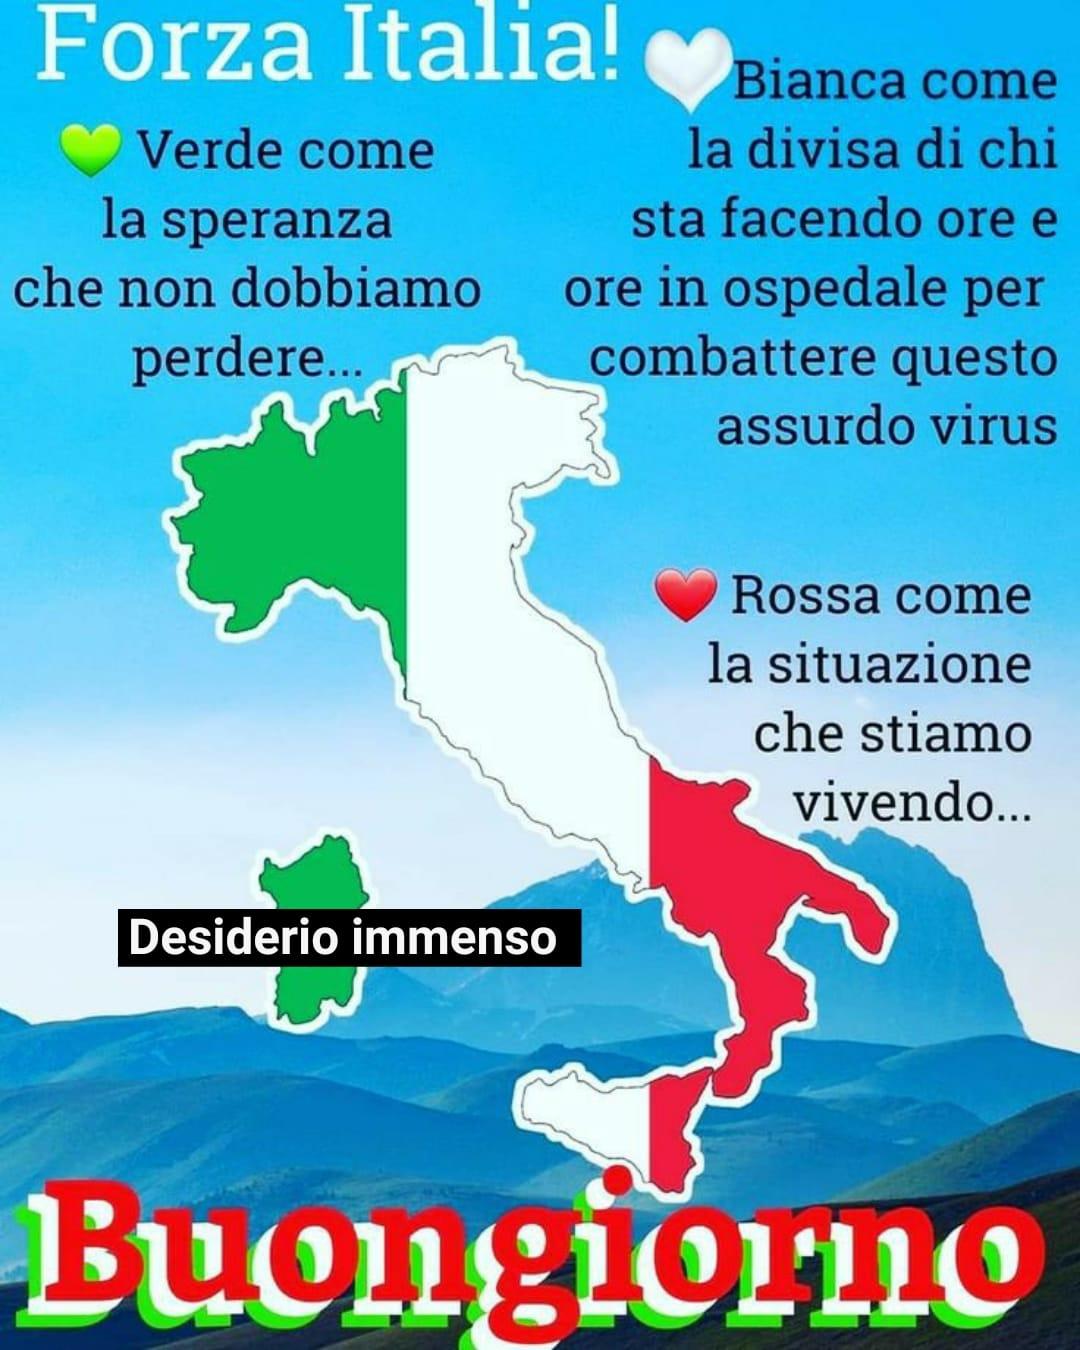 """""""FORZA ITALIA! Verde come la SPERANZA che non dobbiamo mai perdere. Bianca come la divisa di chi sta facendo ore e ore in ospedale per combattere questo assurdo virus. Rossa come la situazione che stiamo vivendo. Buongiorno"""""""